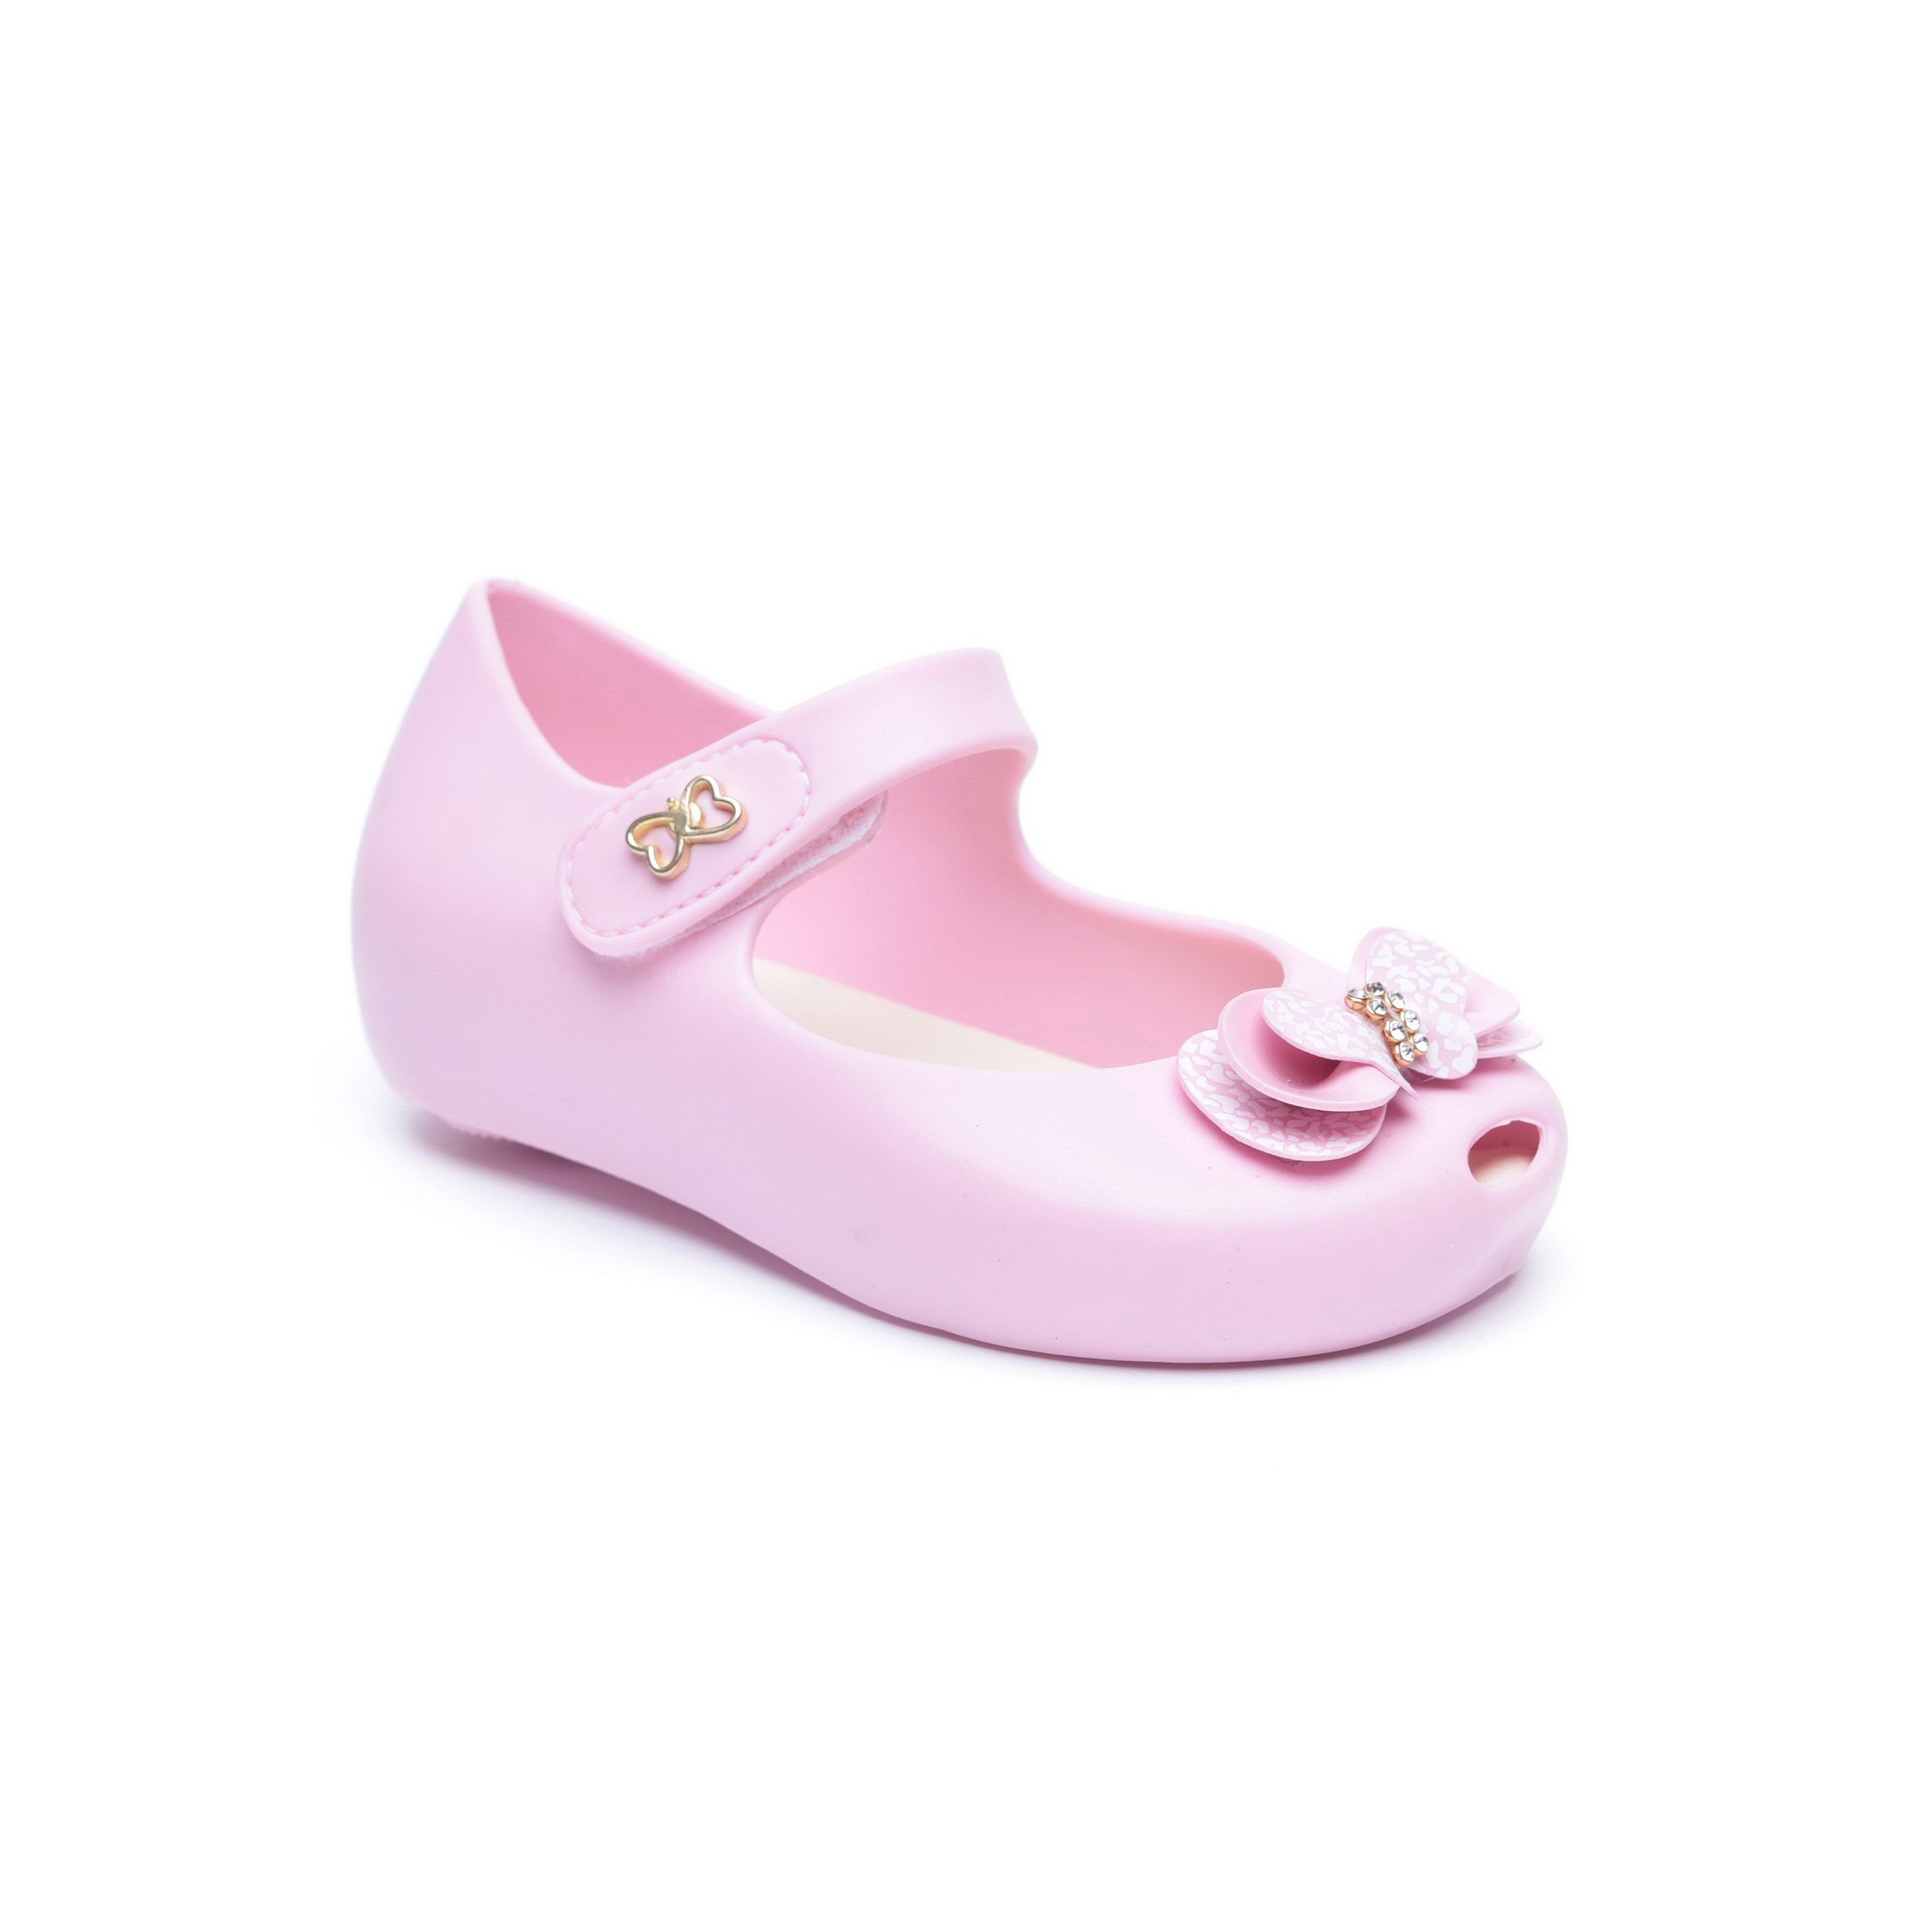 Candy - נעלי בובה לילדות בצבע ורוד בעיטור פפיון